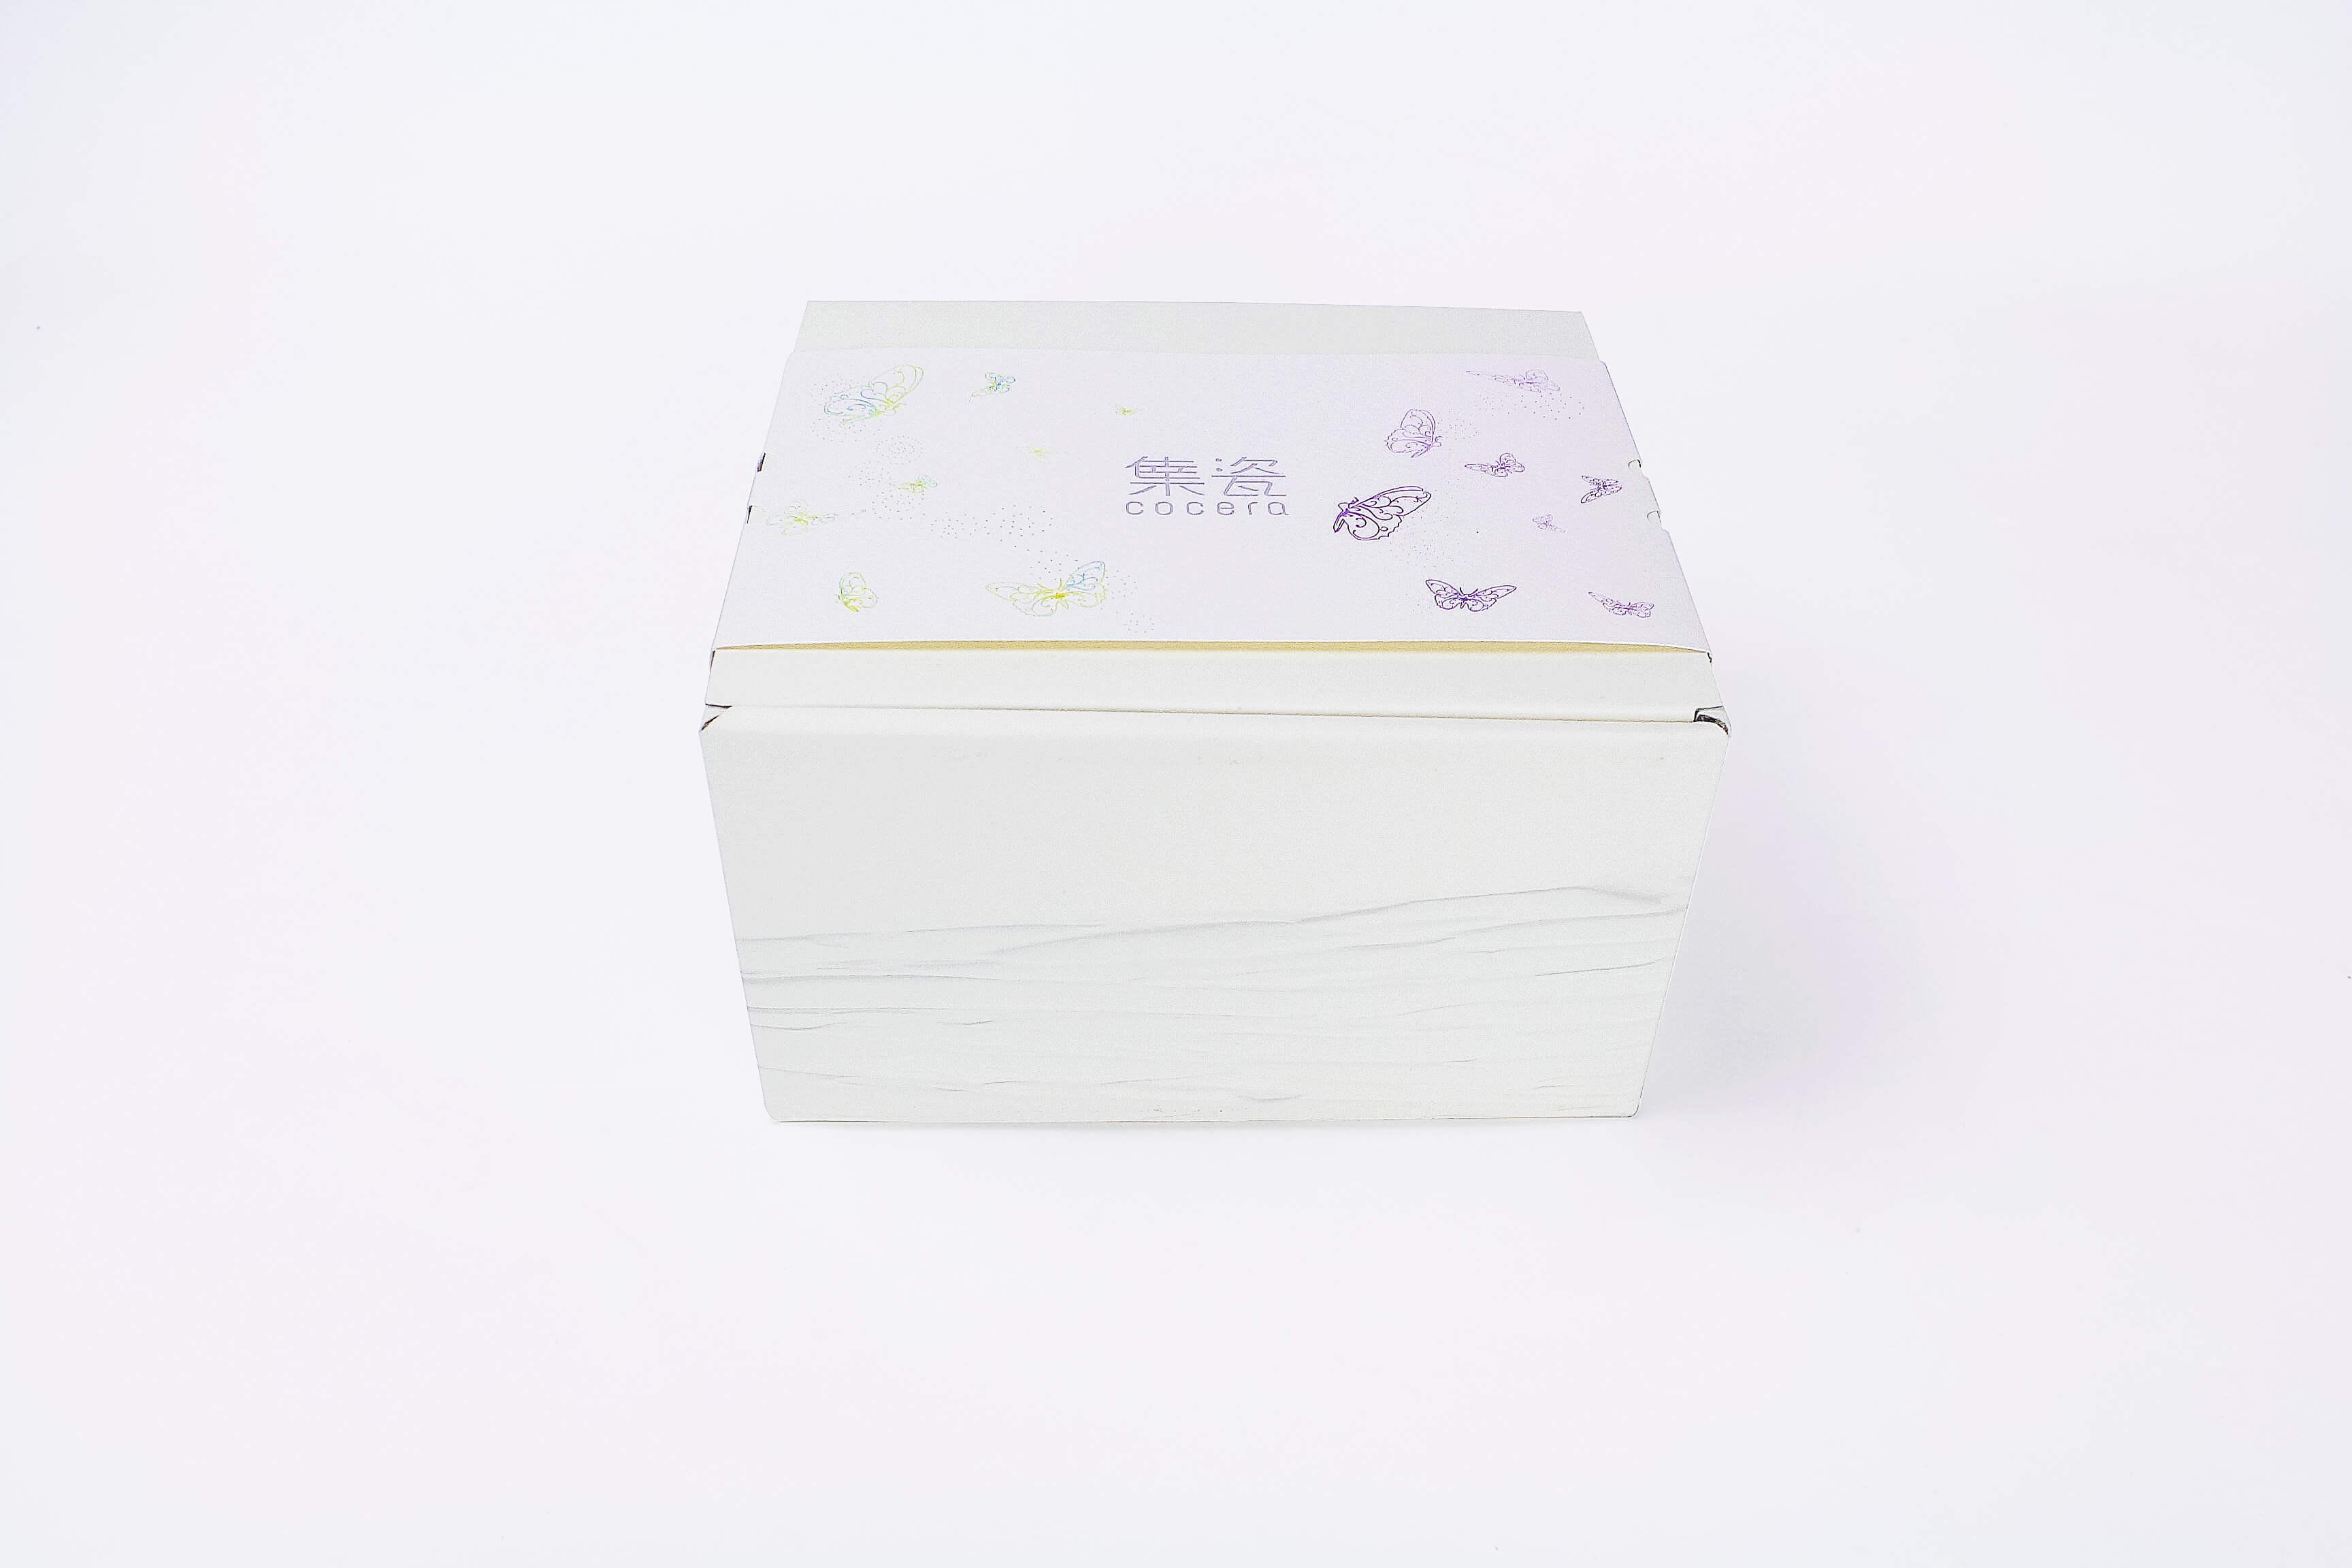 集瓷官網包裝圖-8-2